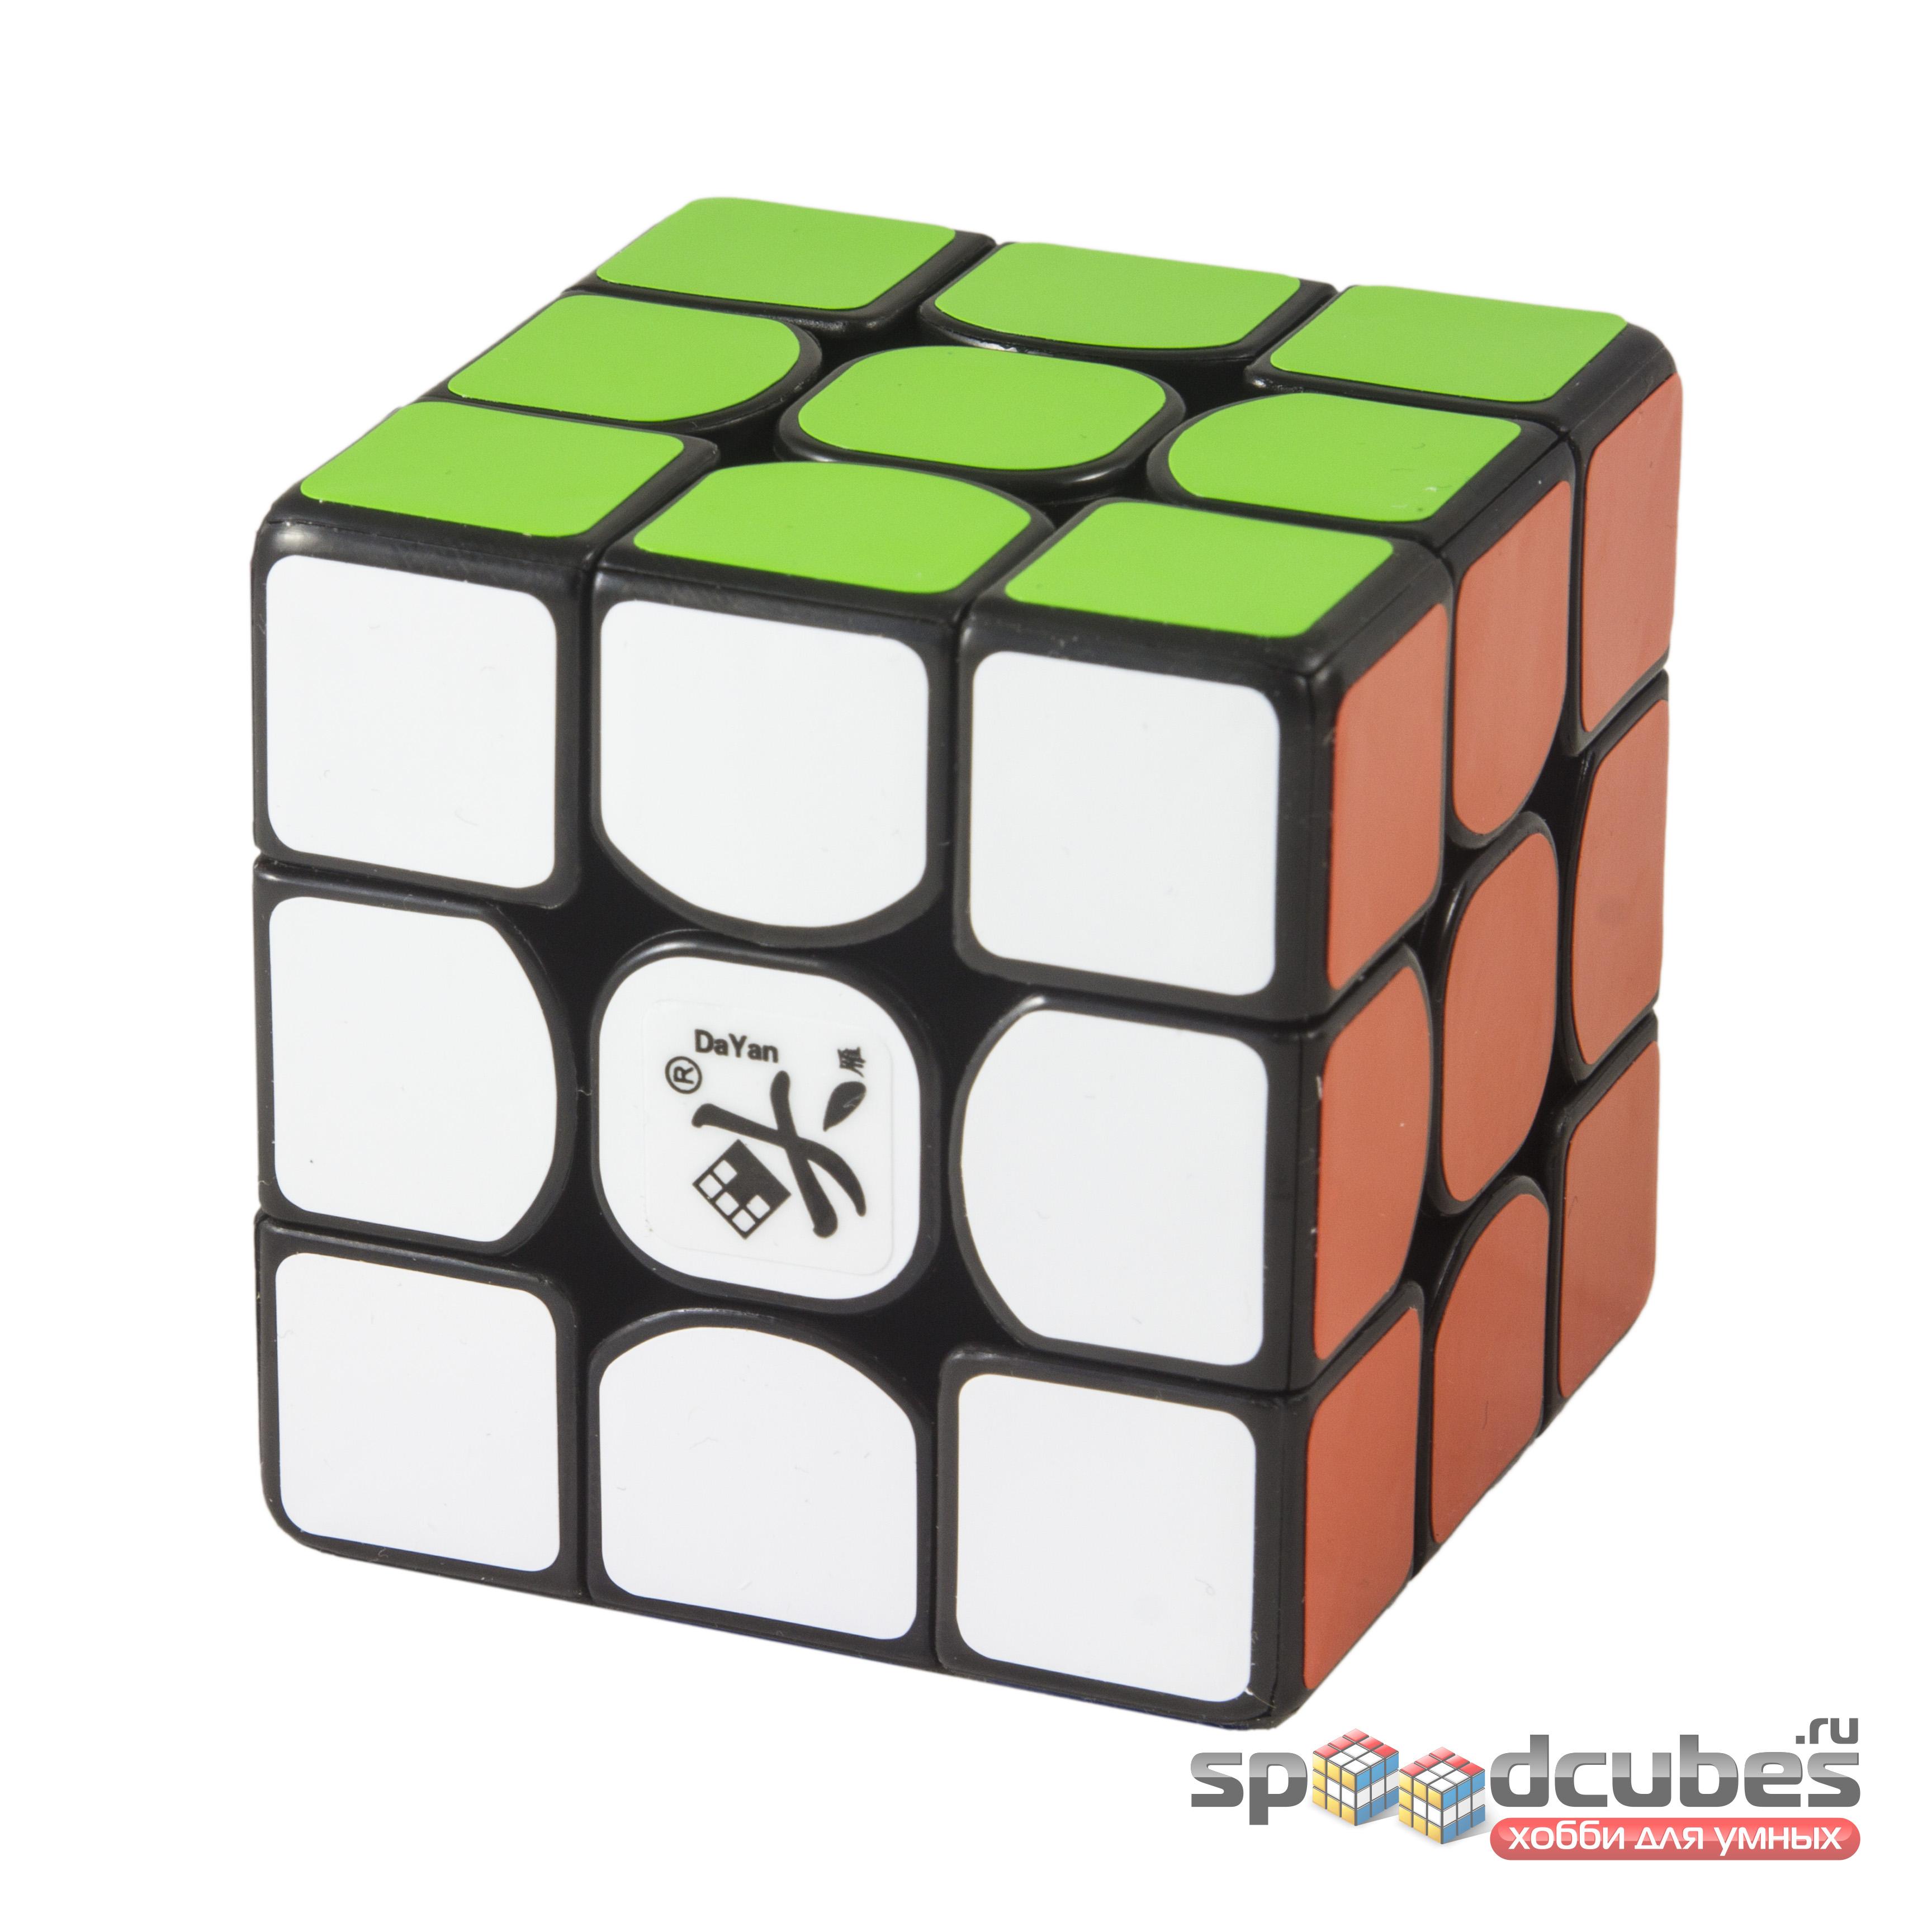 Dayan 7 XiangYun 3x3x3